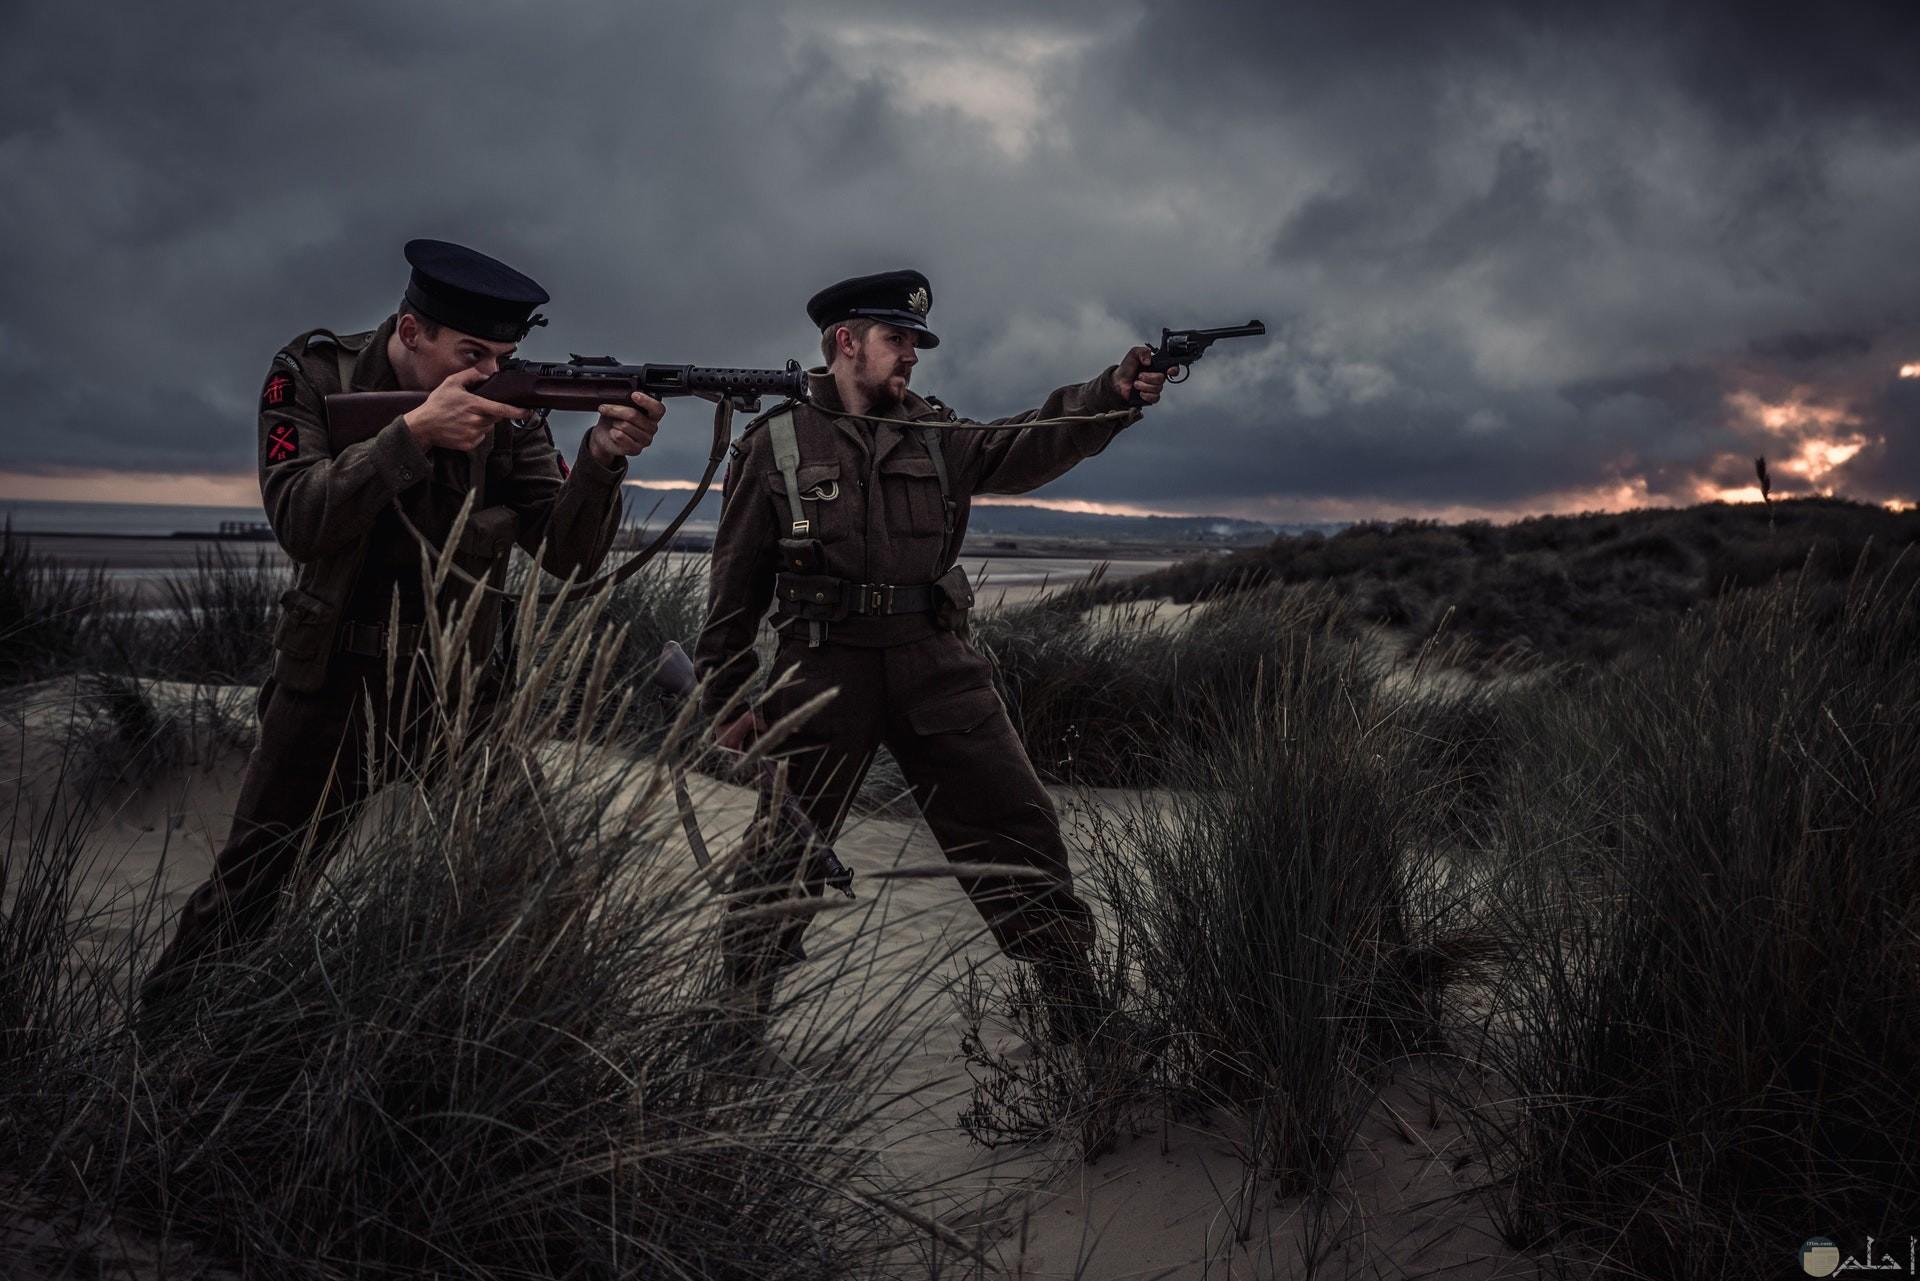 صورة أكشن مميزة لمجندين يحملان سلاح وواقفان للتصويب علي شيء ما والسماء ممتلئه بالغيوم